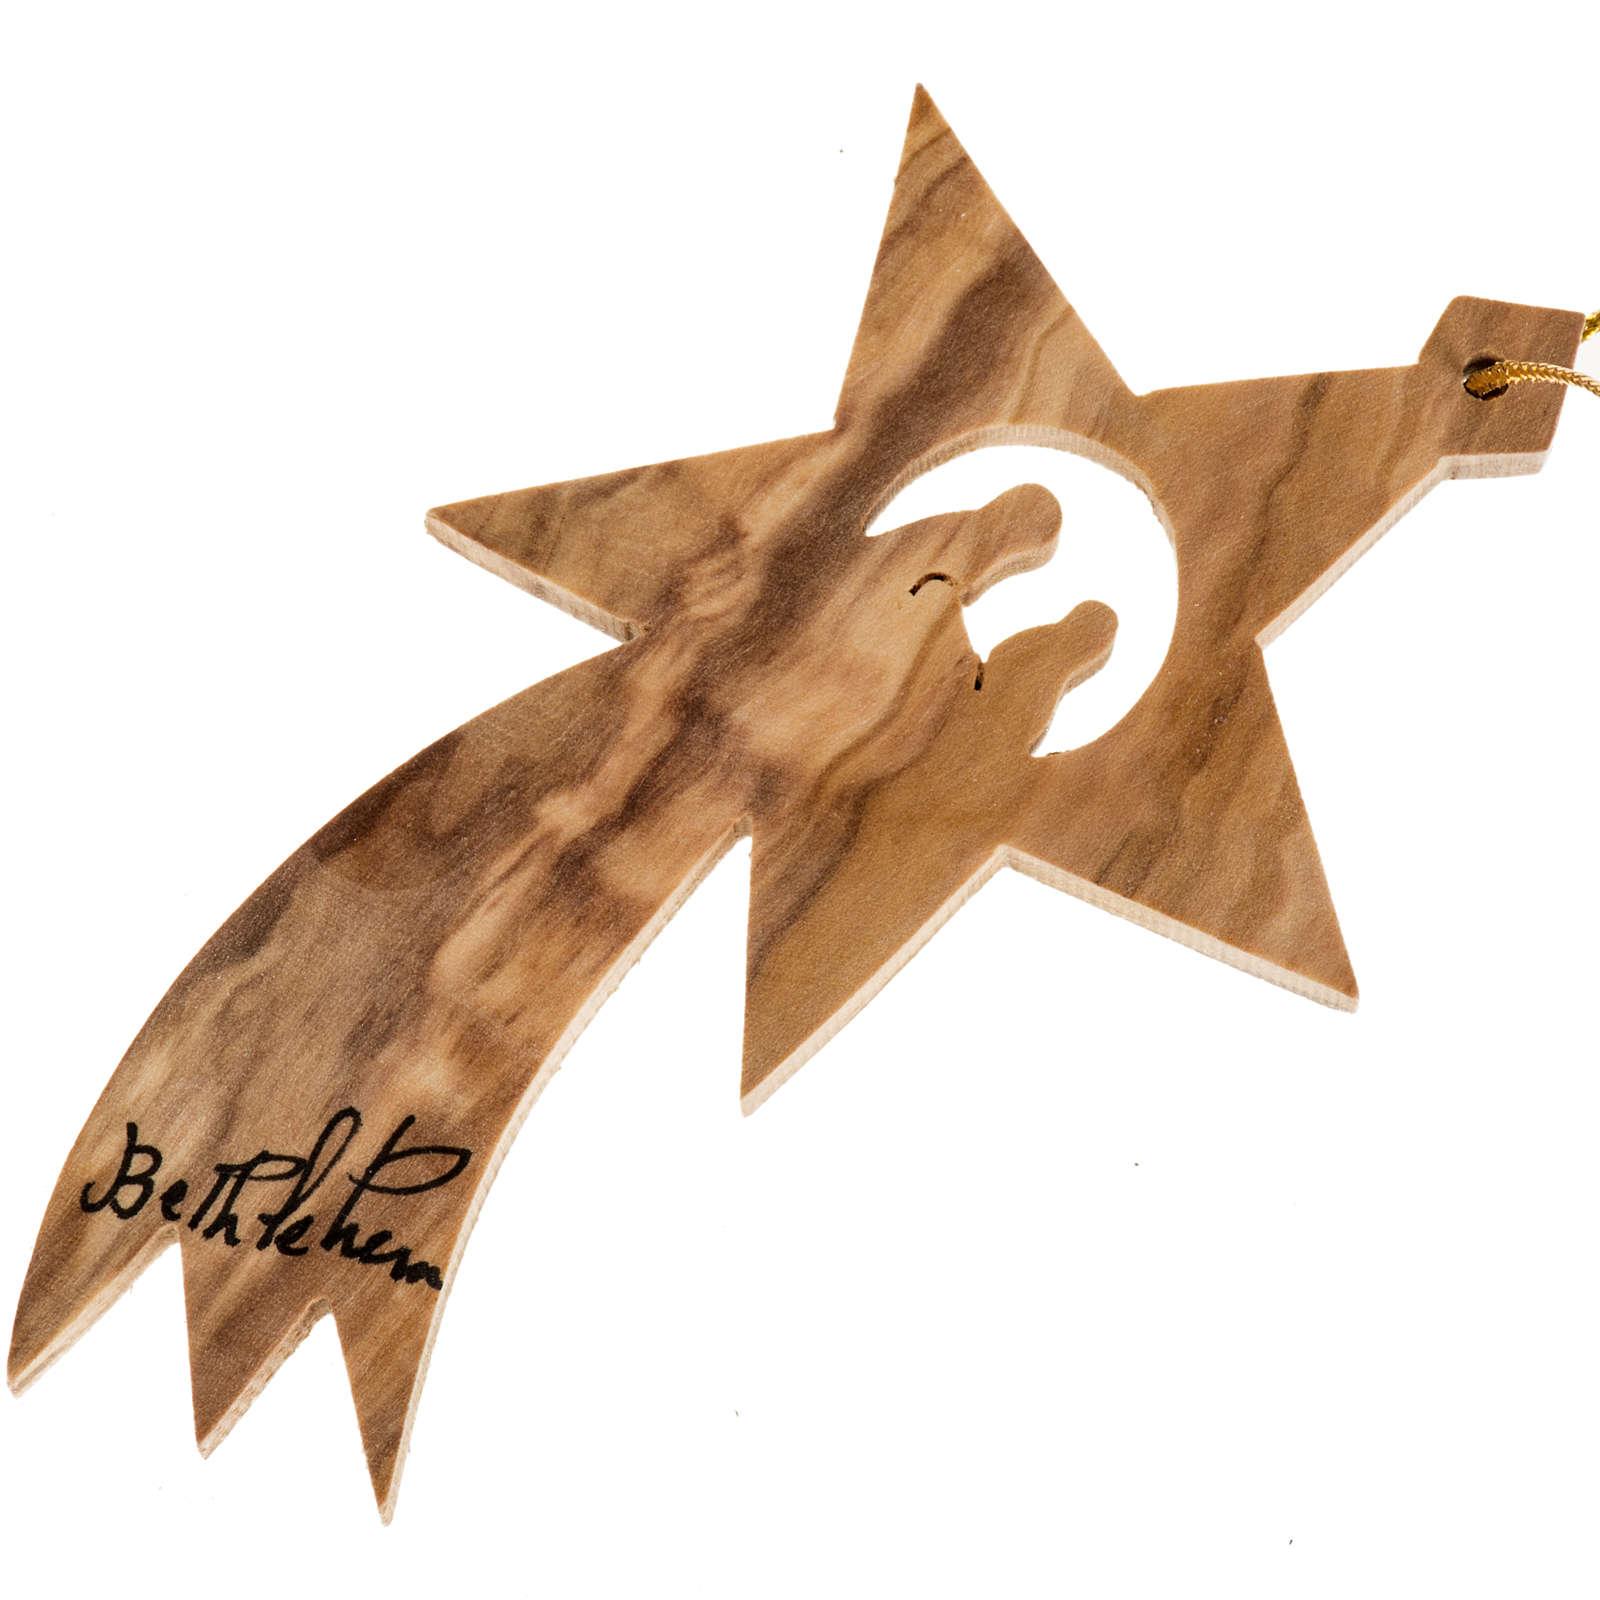 Adorno árbol madera olivo Palestina estrella de Belén 4